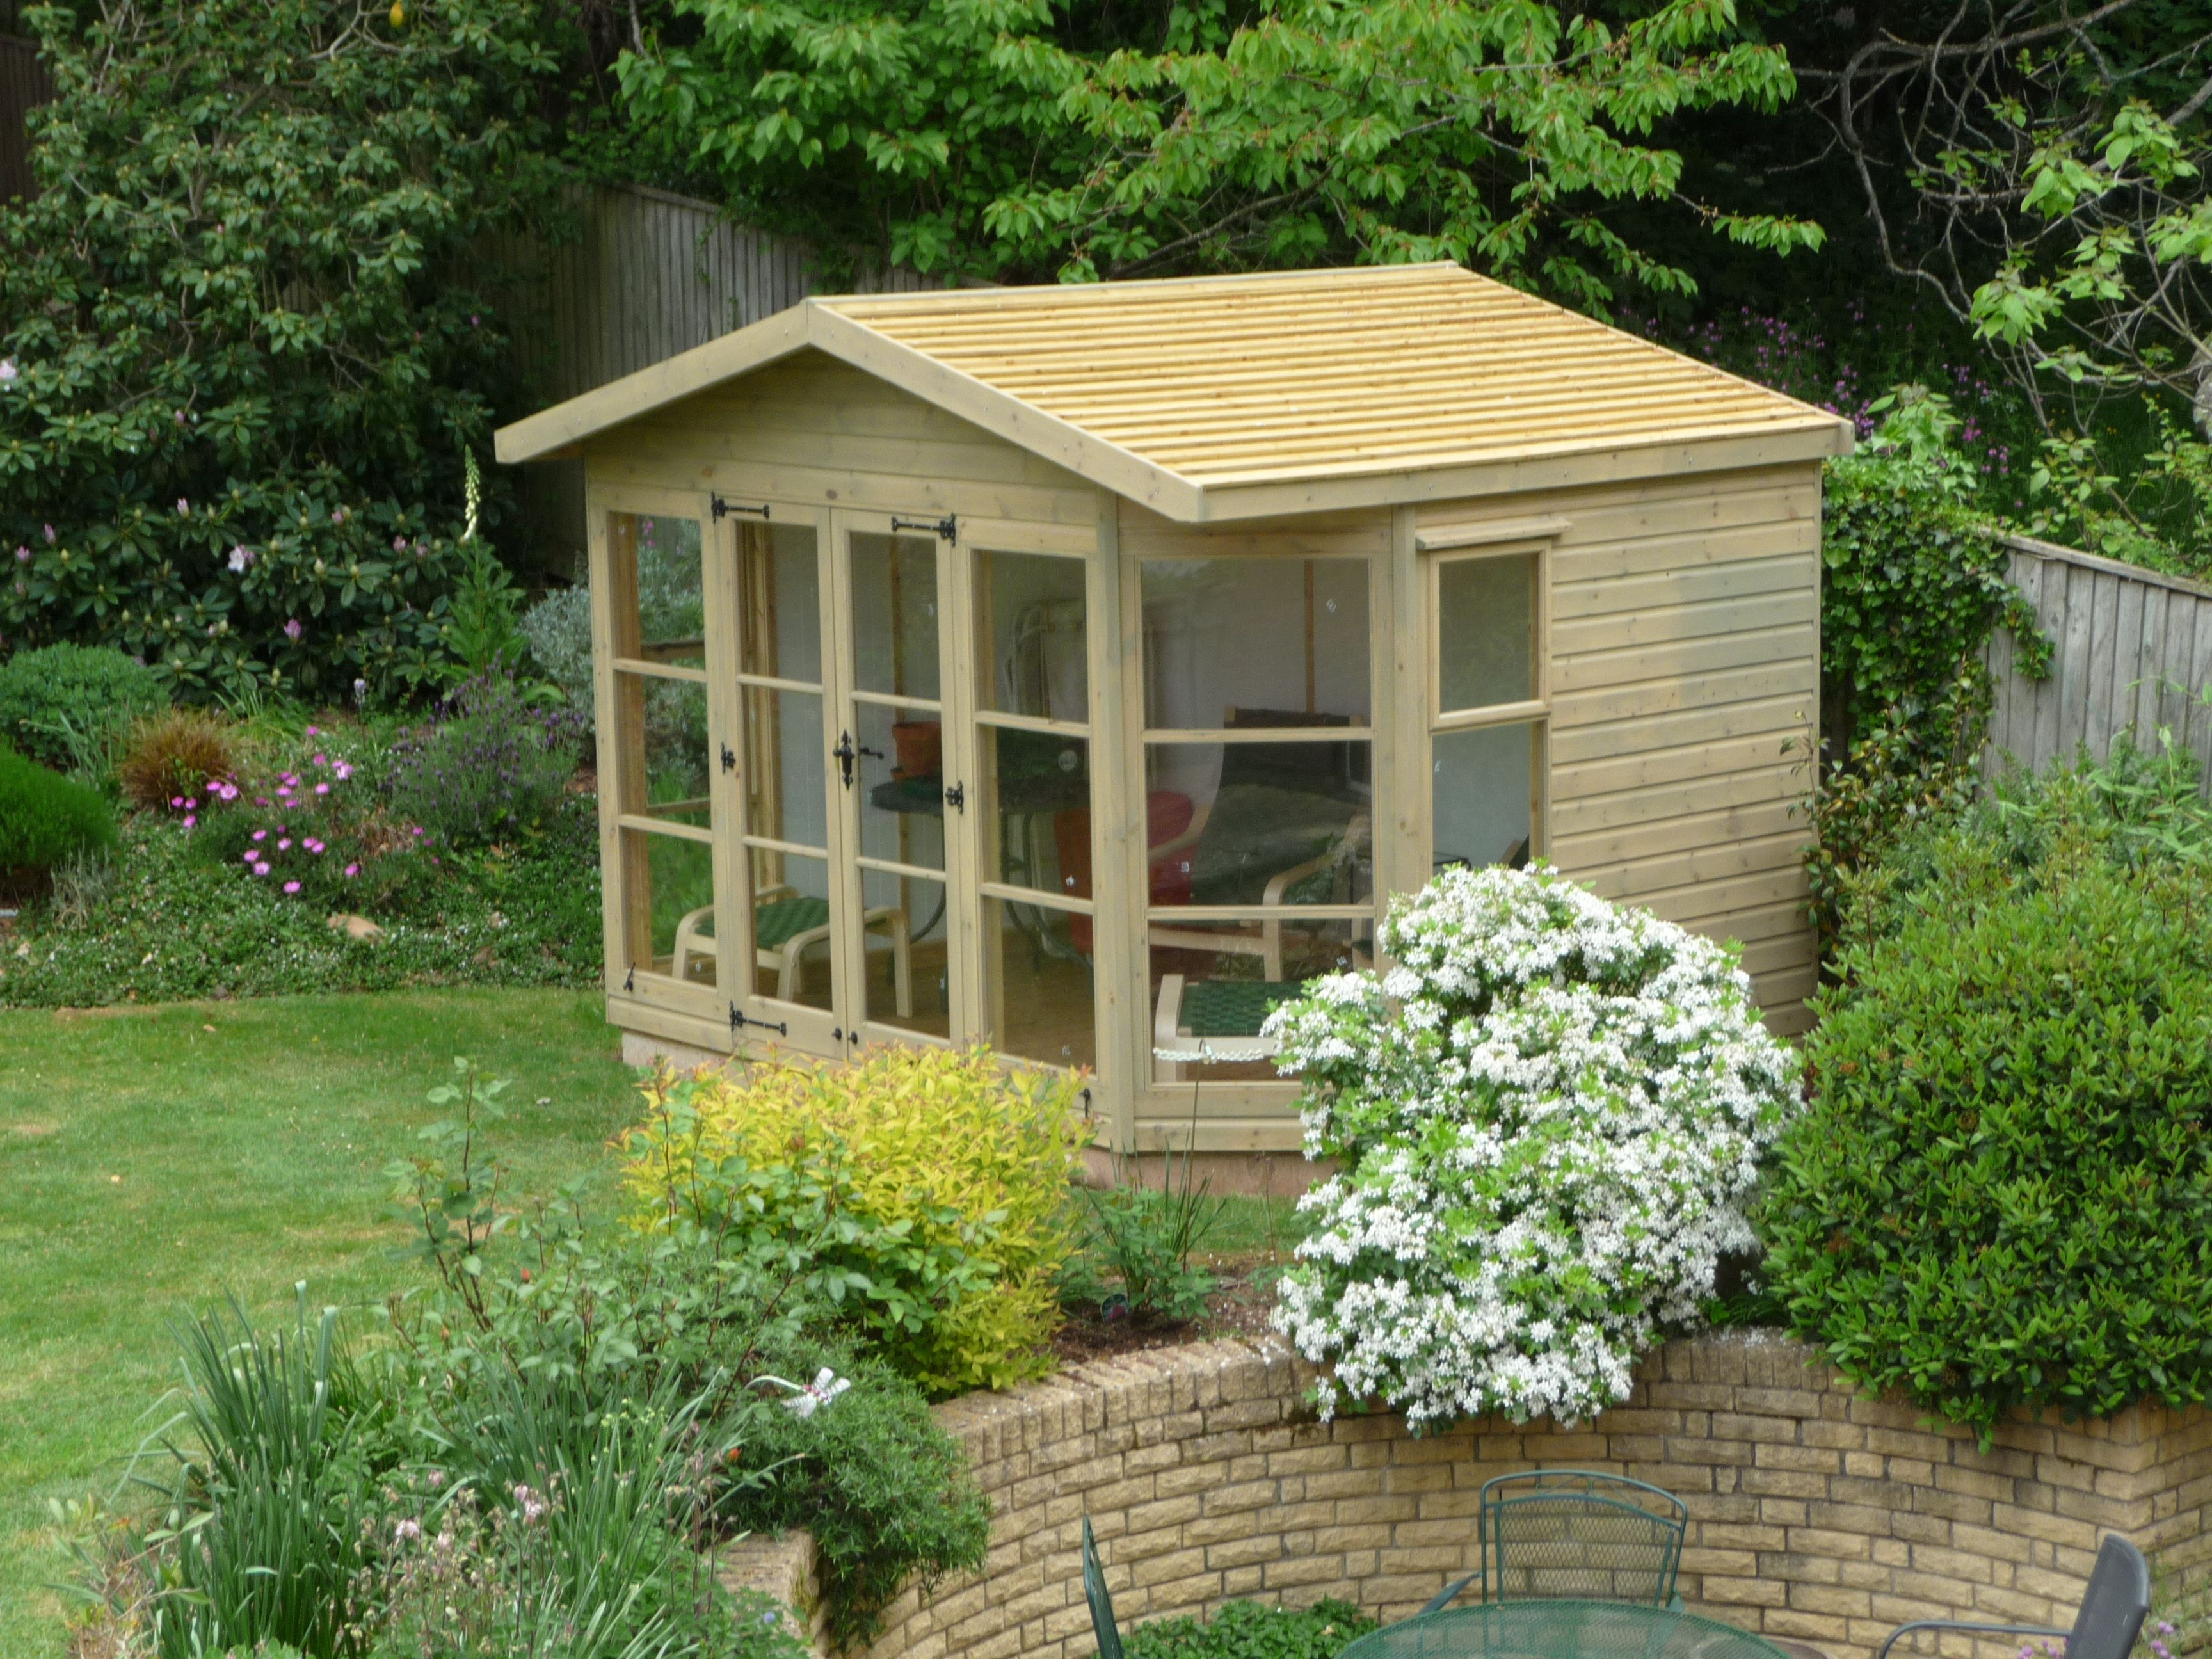 Garden Sheds | Traditional Garden Sheds Summer Houses Workshops Garages  Garden .